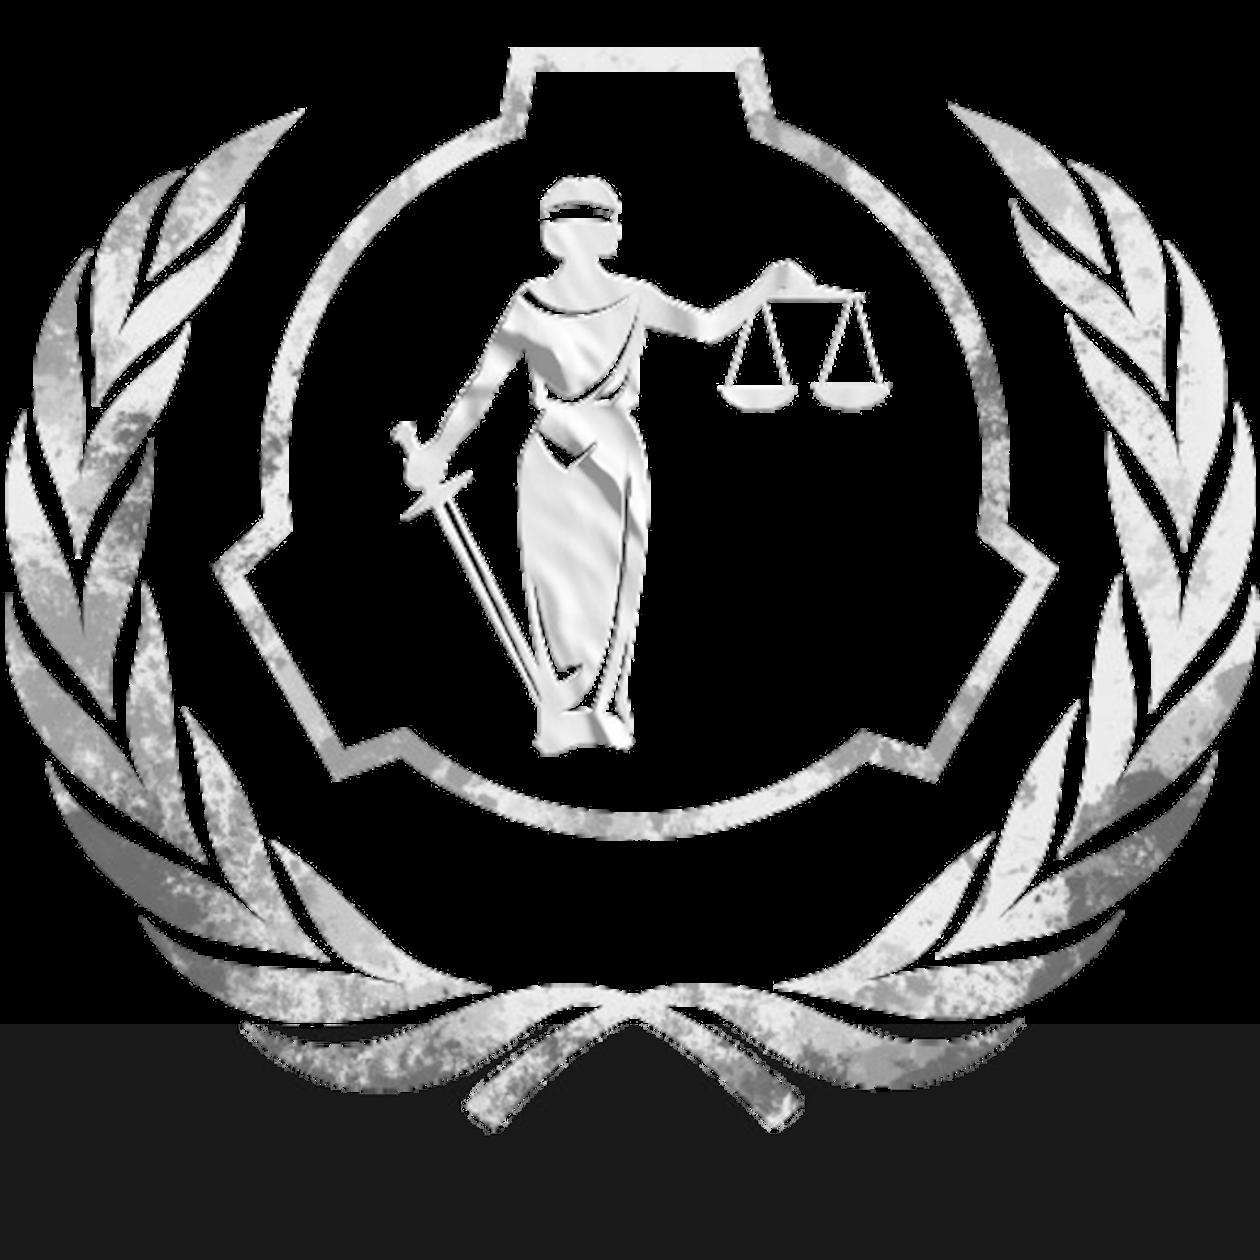 EthicsCommitteeTRSP-XLRG.png